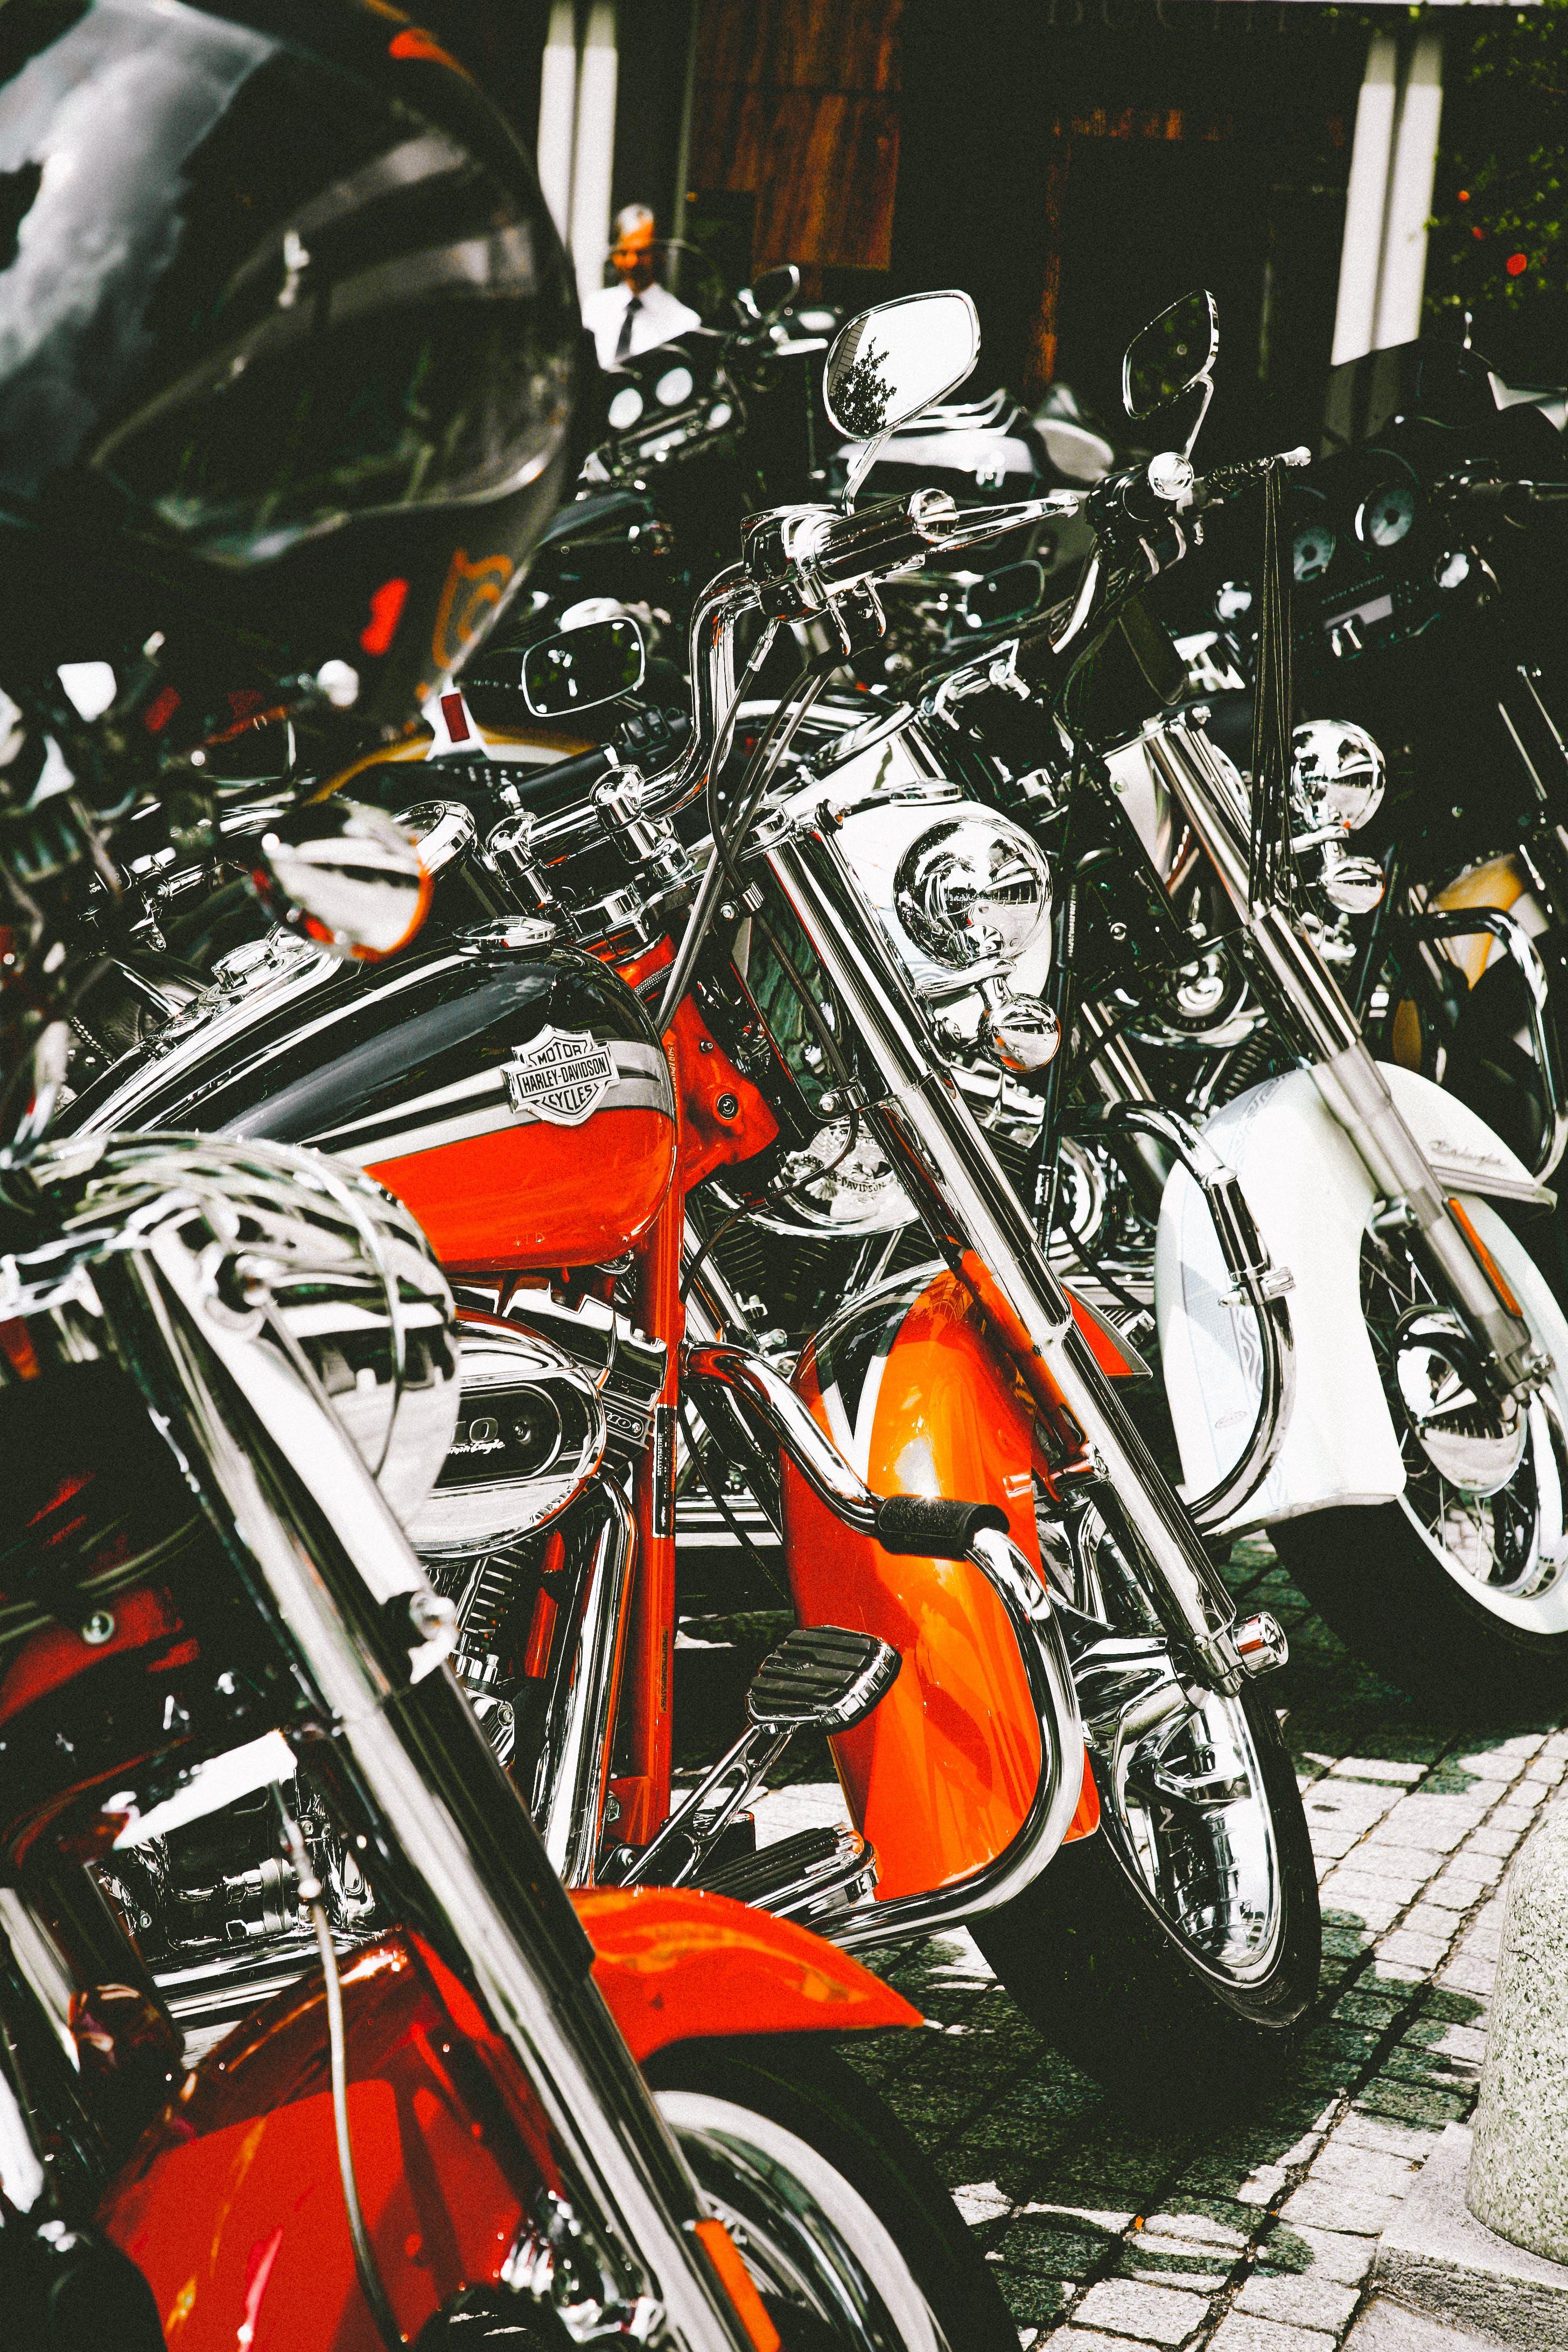 Δωρεάν στοκ φωτογραφιών με ιππεύω, μοτοσικλέτες, οχήματα, σύστημα μεταφοράς